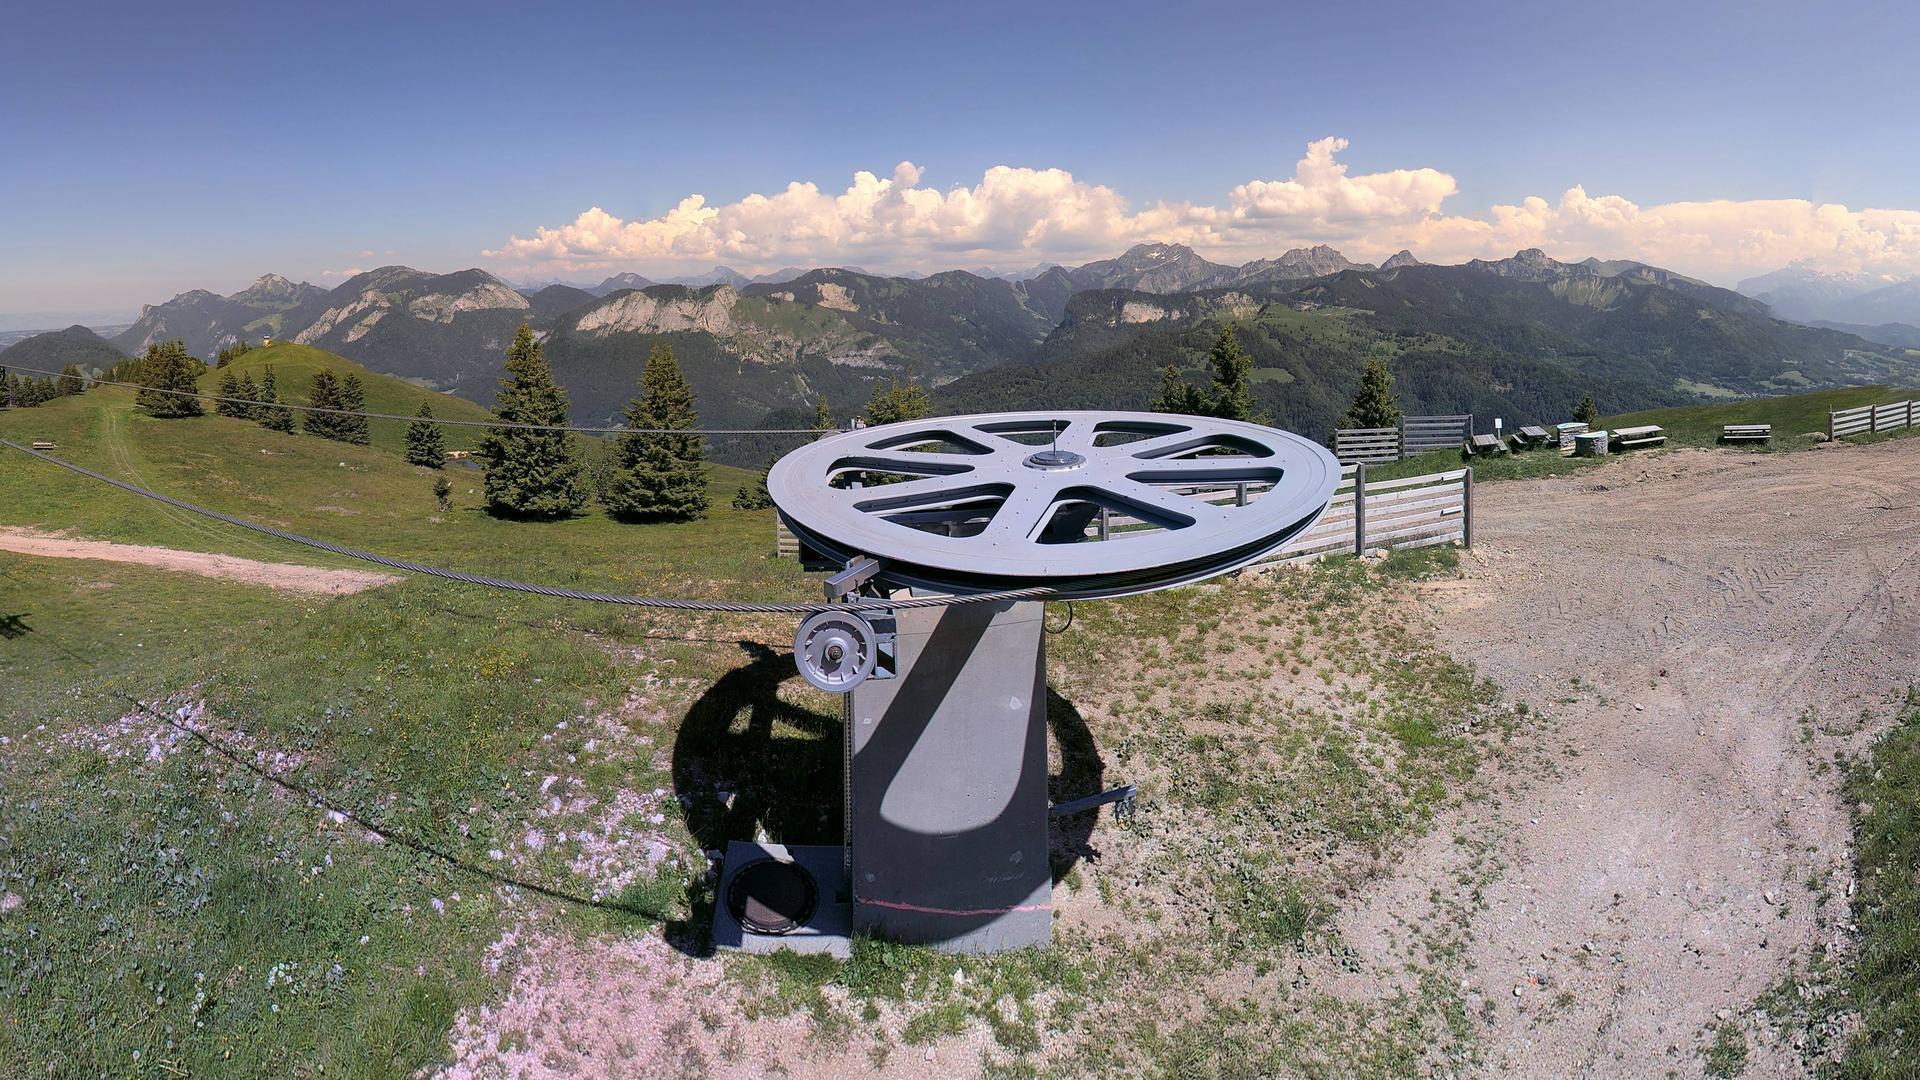 Webcam Montagne d'Hirmente: Le Tremplin Hirmentaz